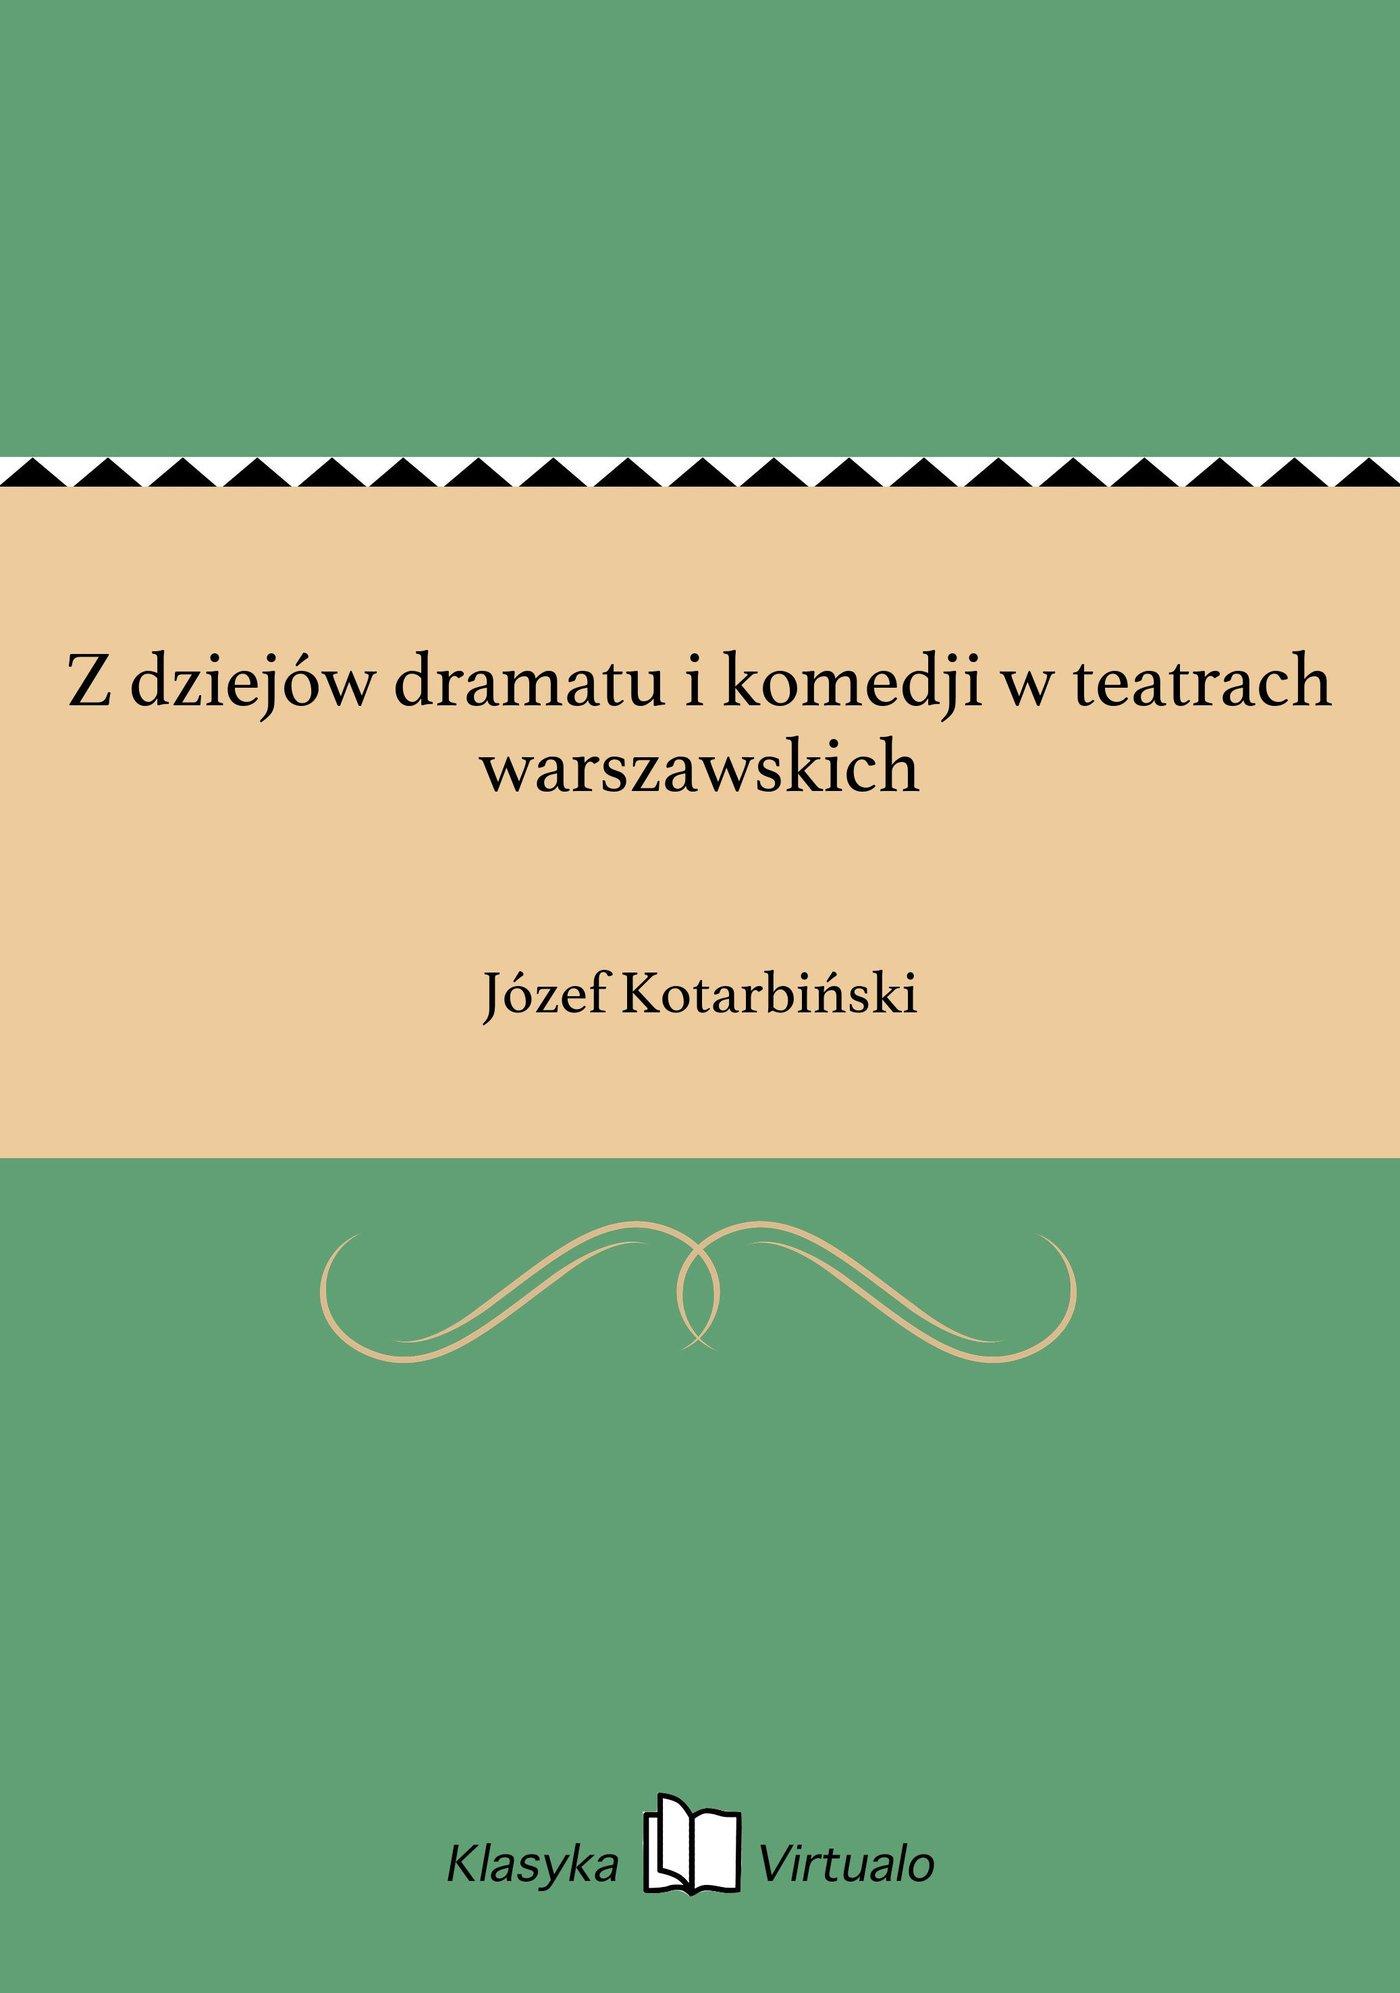 Z dziejów dramatu i komedji w teatrach warszawskich - Ebook (Książka EPUB) do pobrania w formacie EPUB